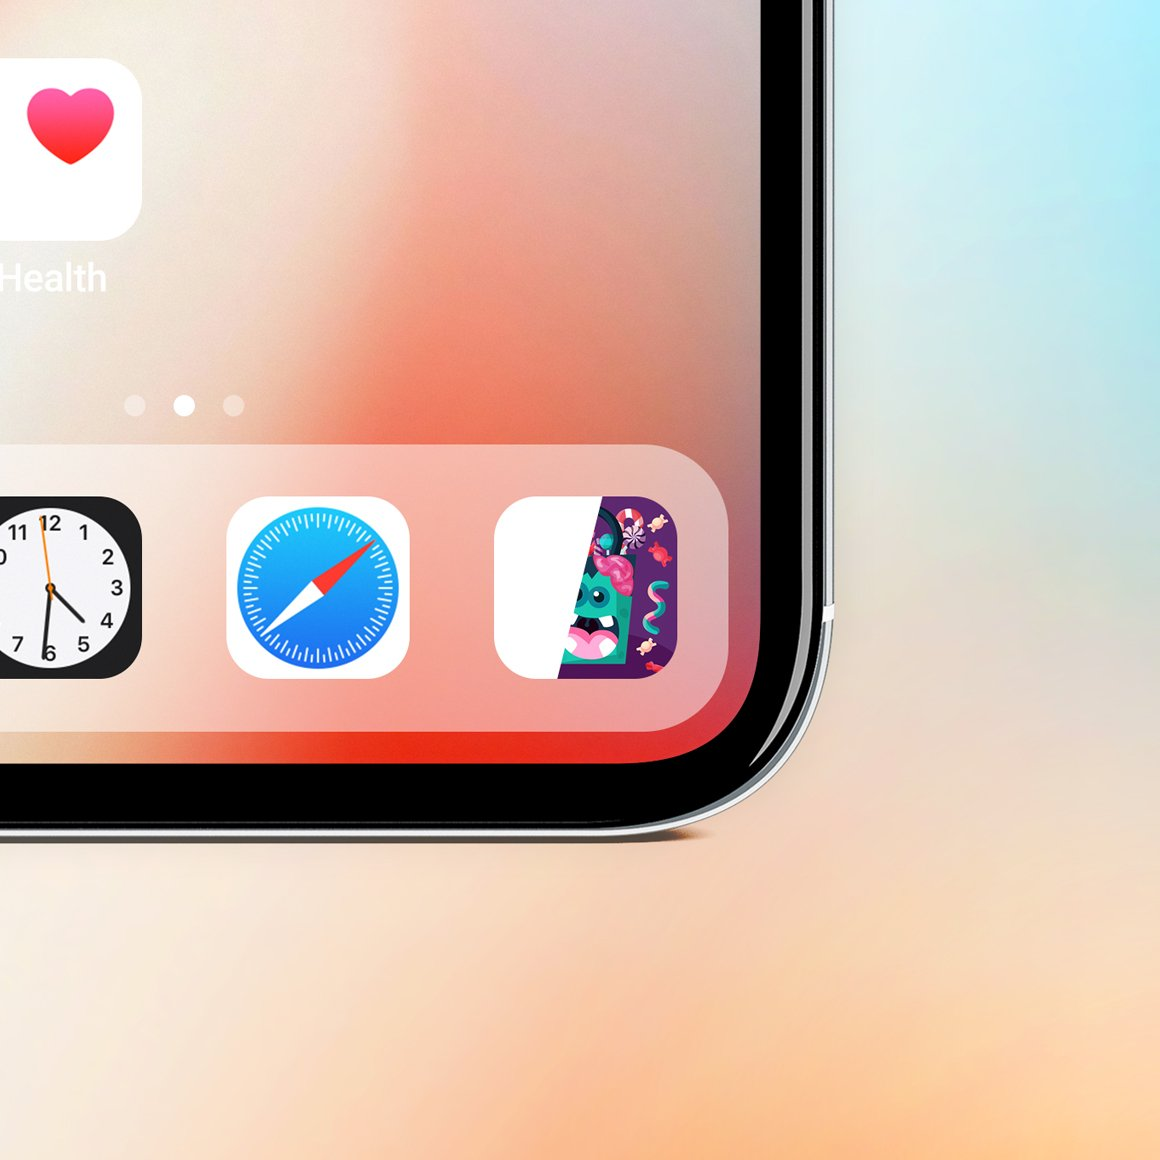 APP应用界面设计手机屏幕演示样机 Phone App Mockups Set插图(2)